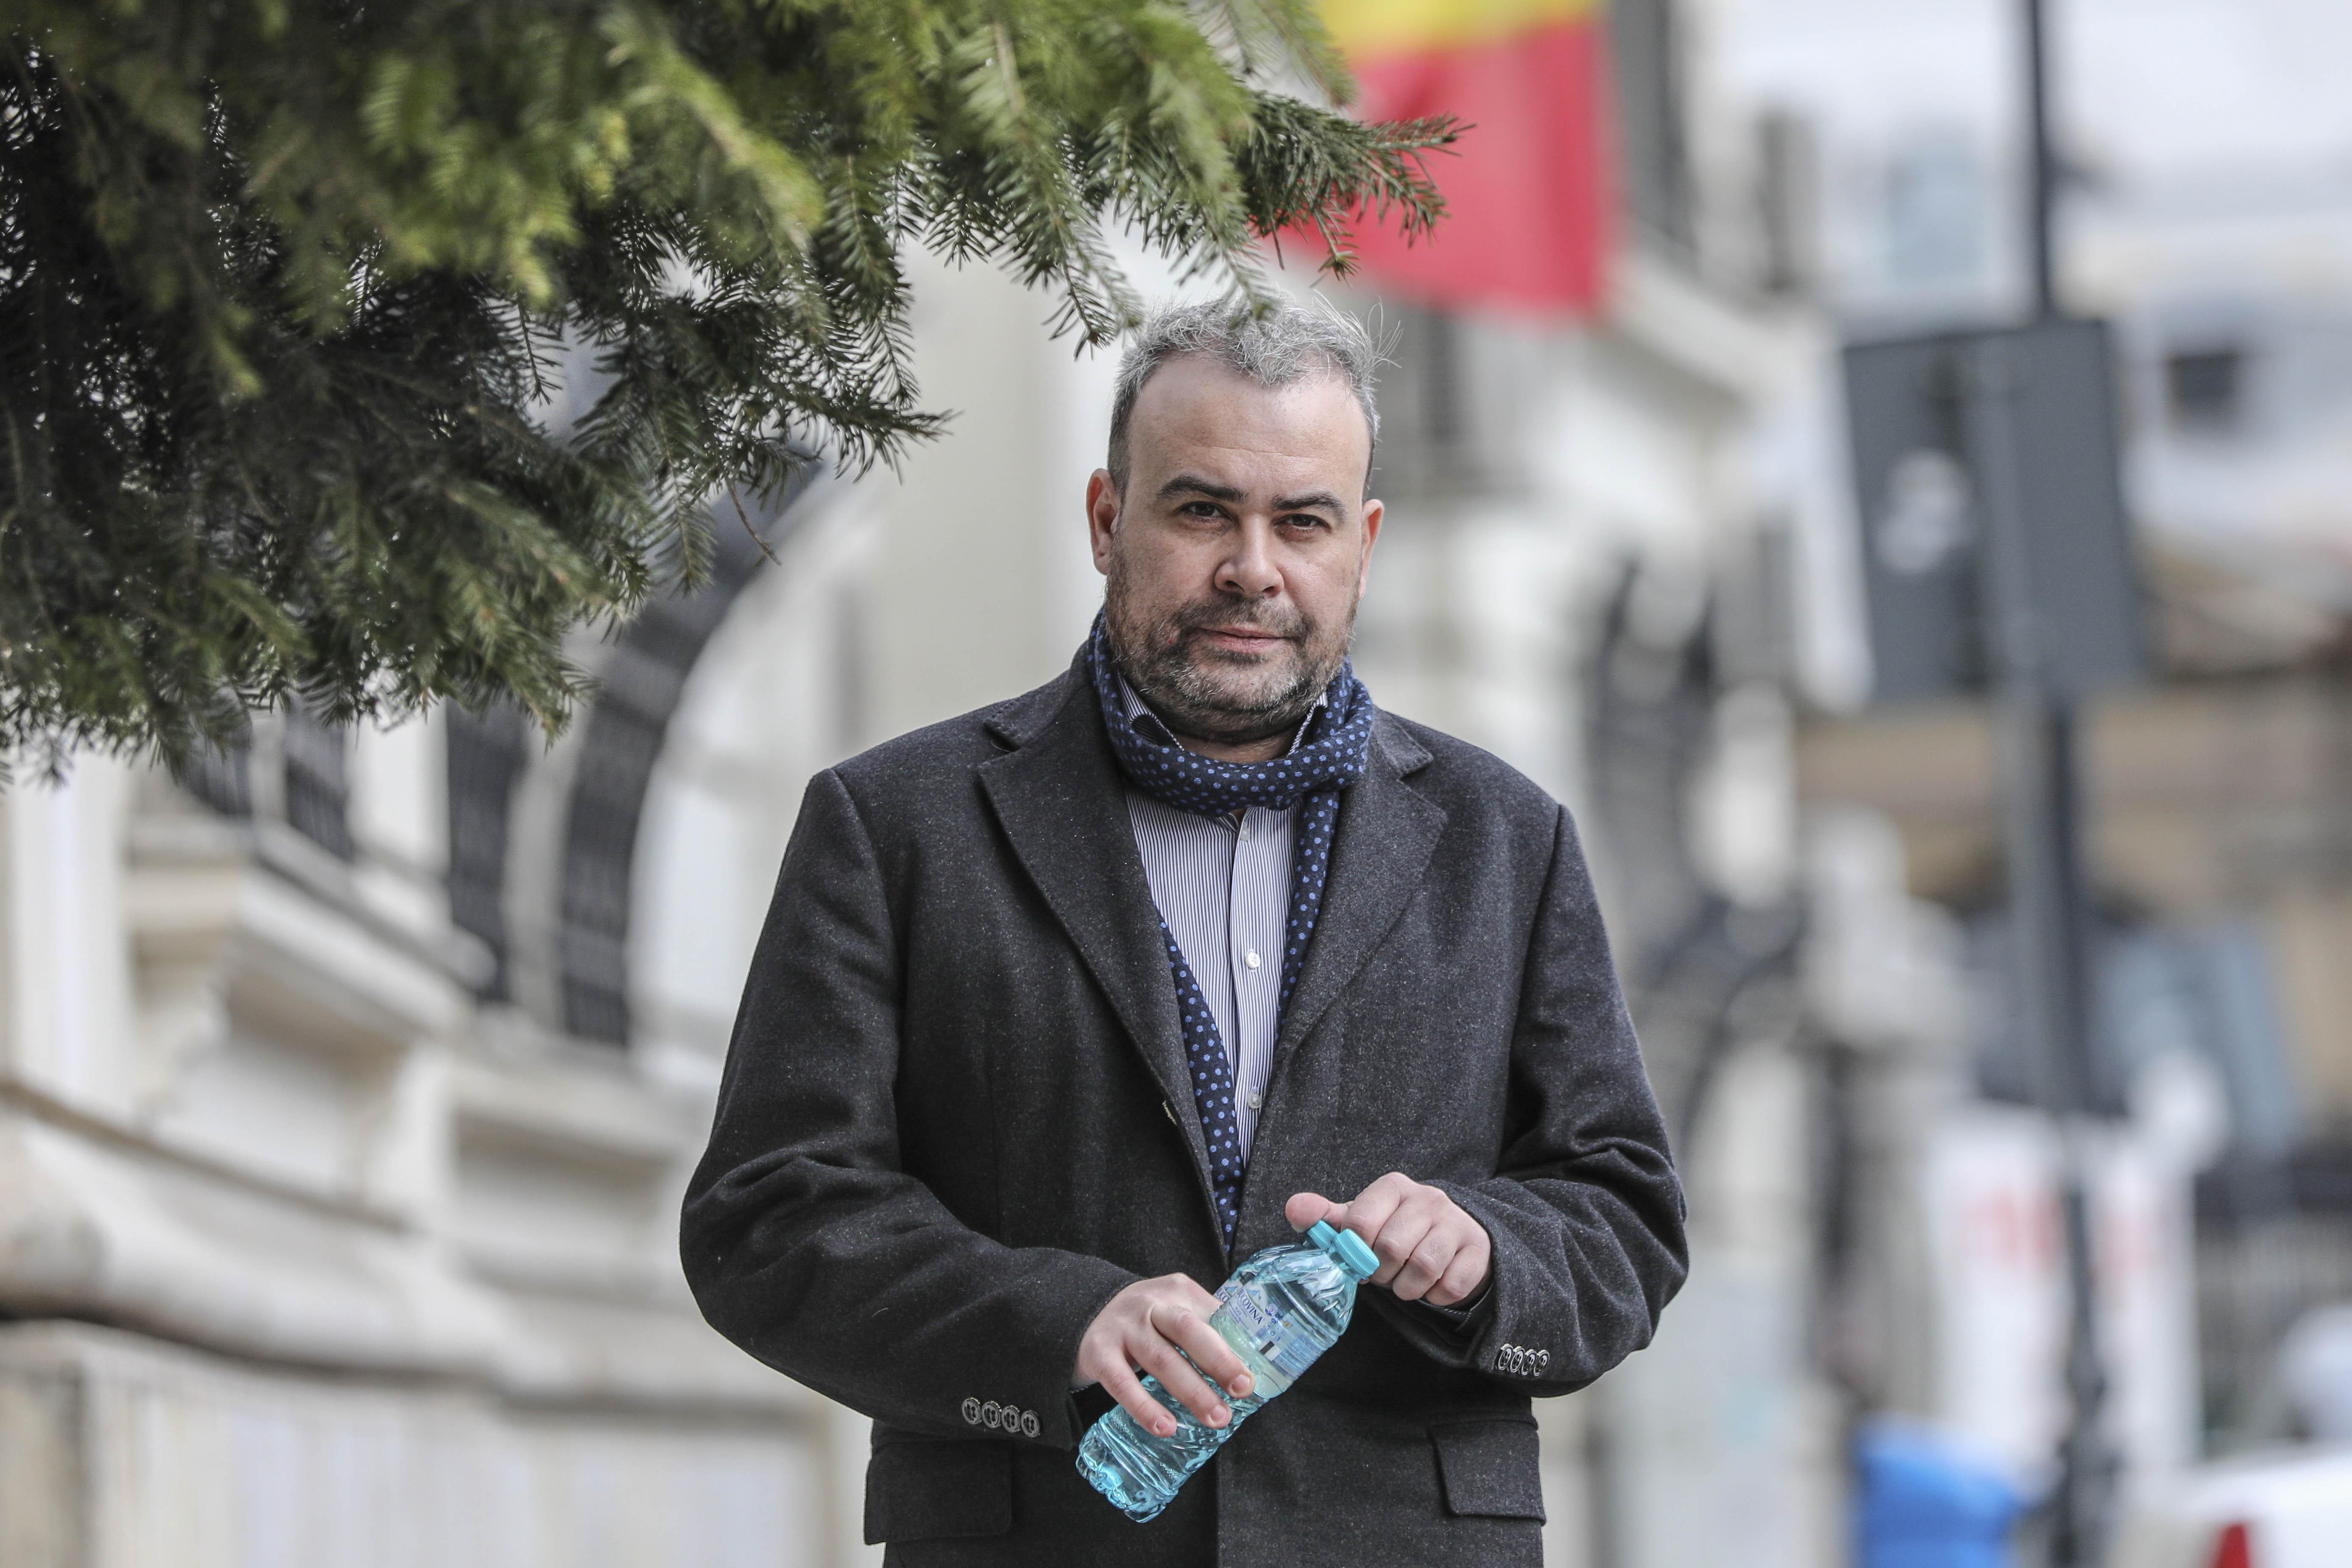 PNL cere demisia lui Darius Vâlcov, după ce acesta a publicat pe Facebook fişa medicală a unui protestatar